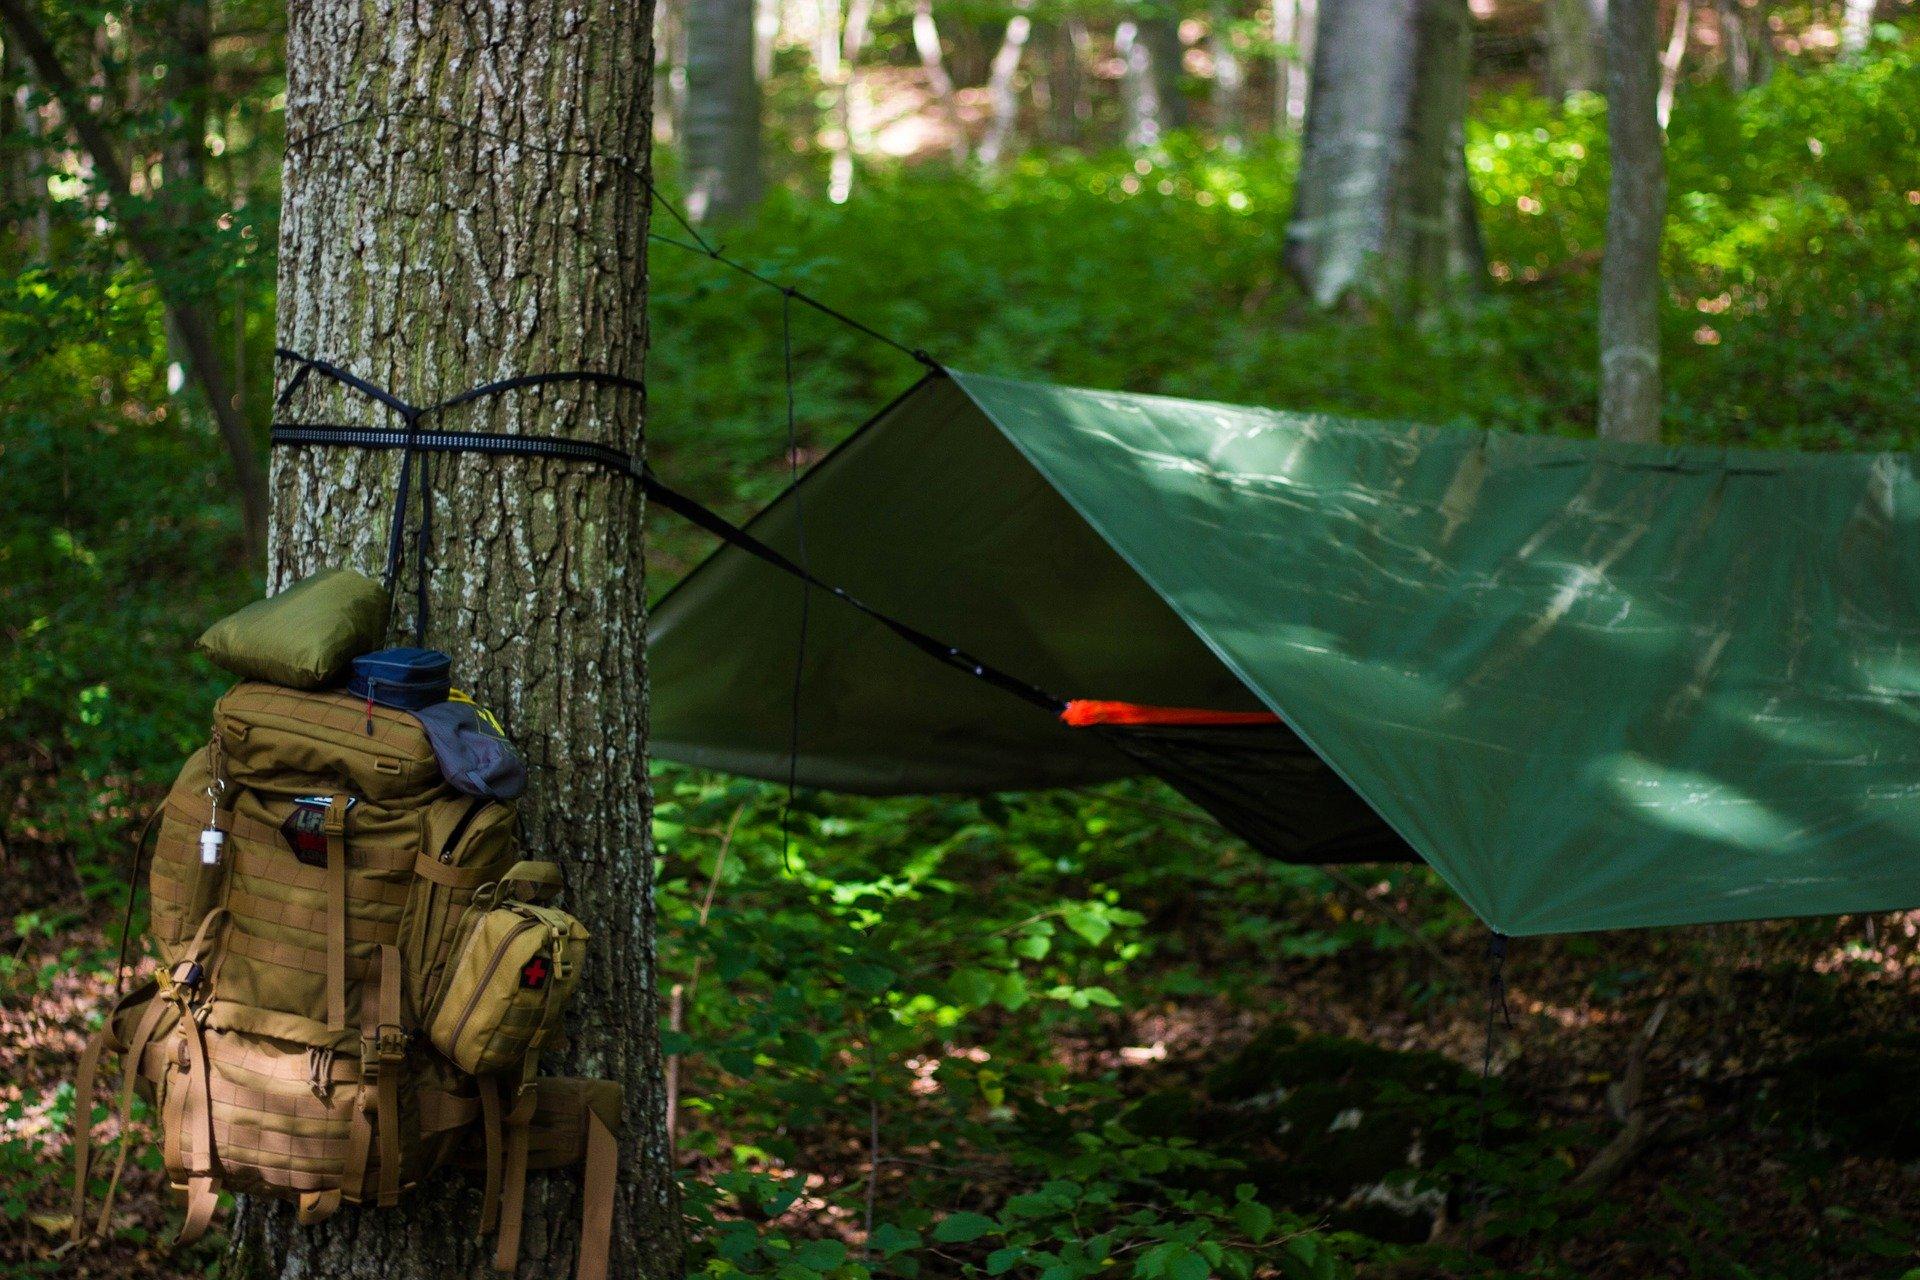 Teraz legalnie będziesz mógł biwakować w lesie